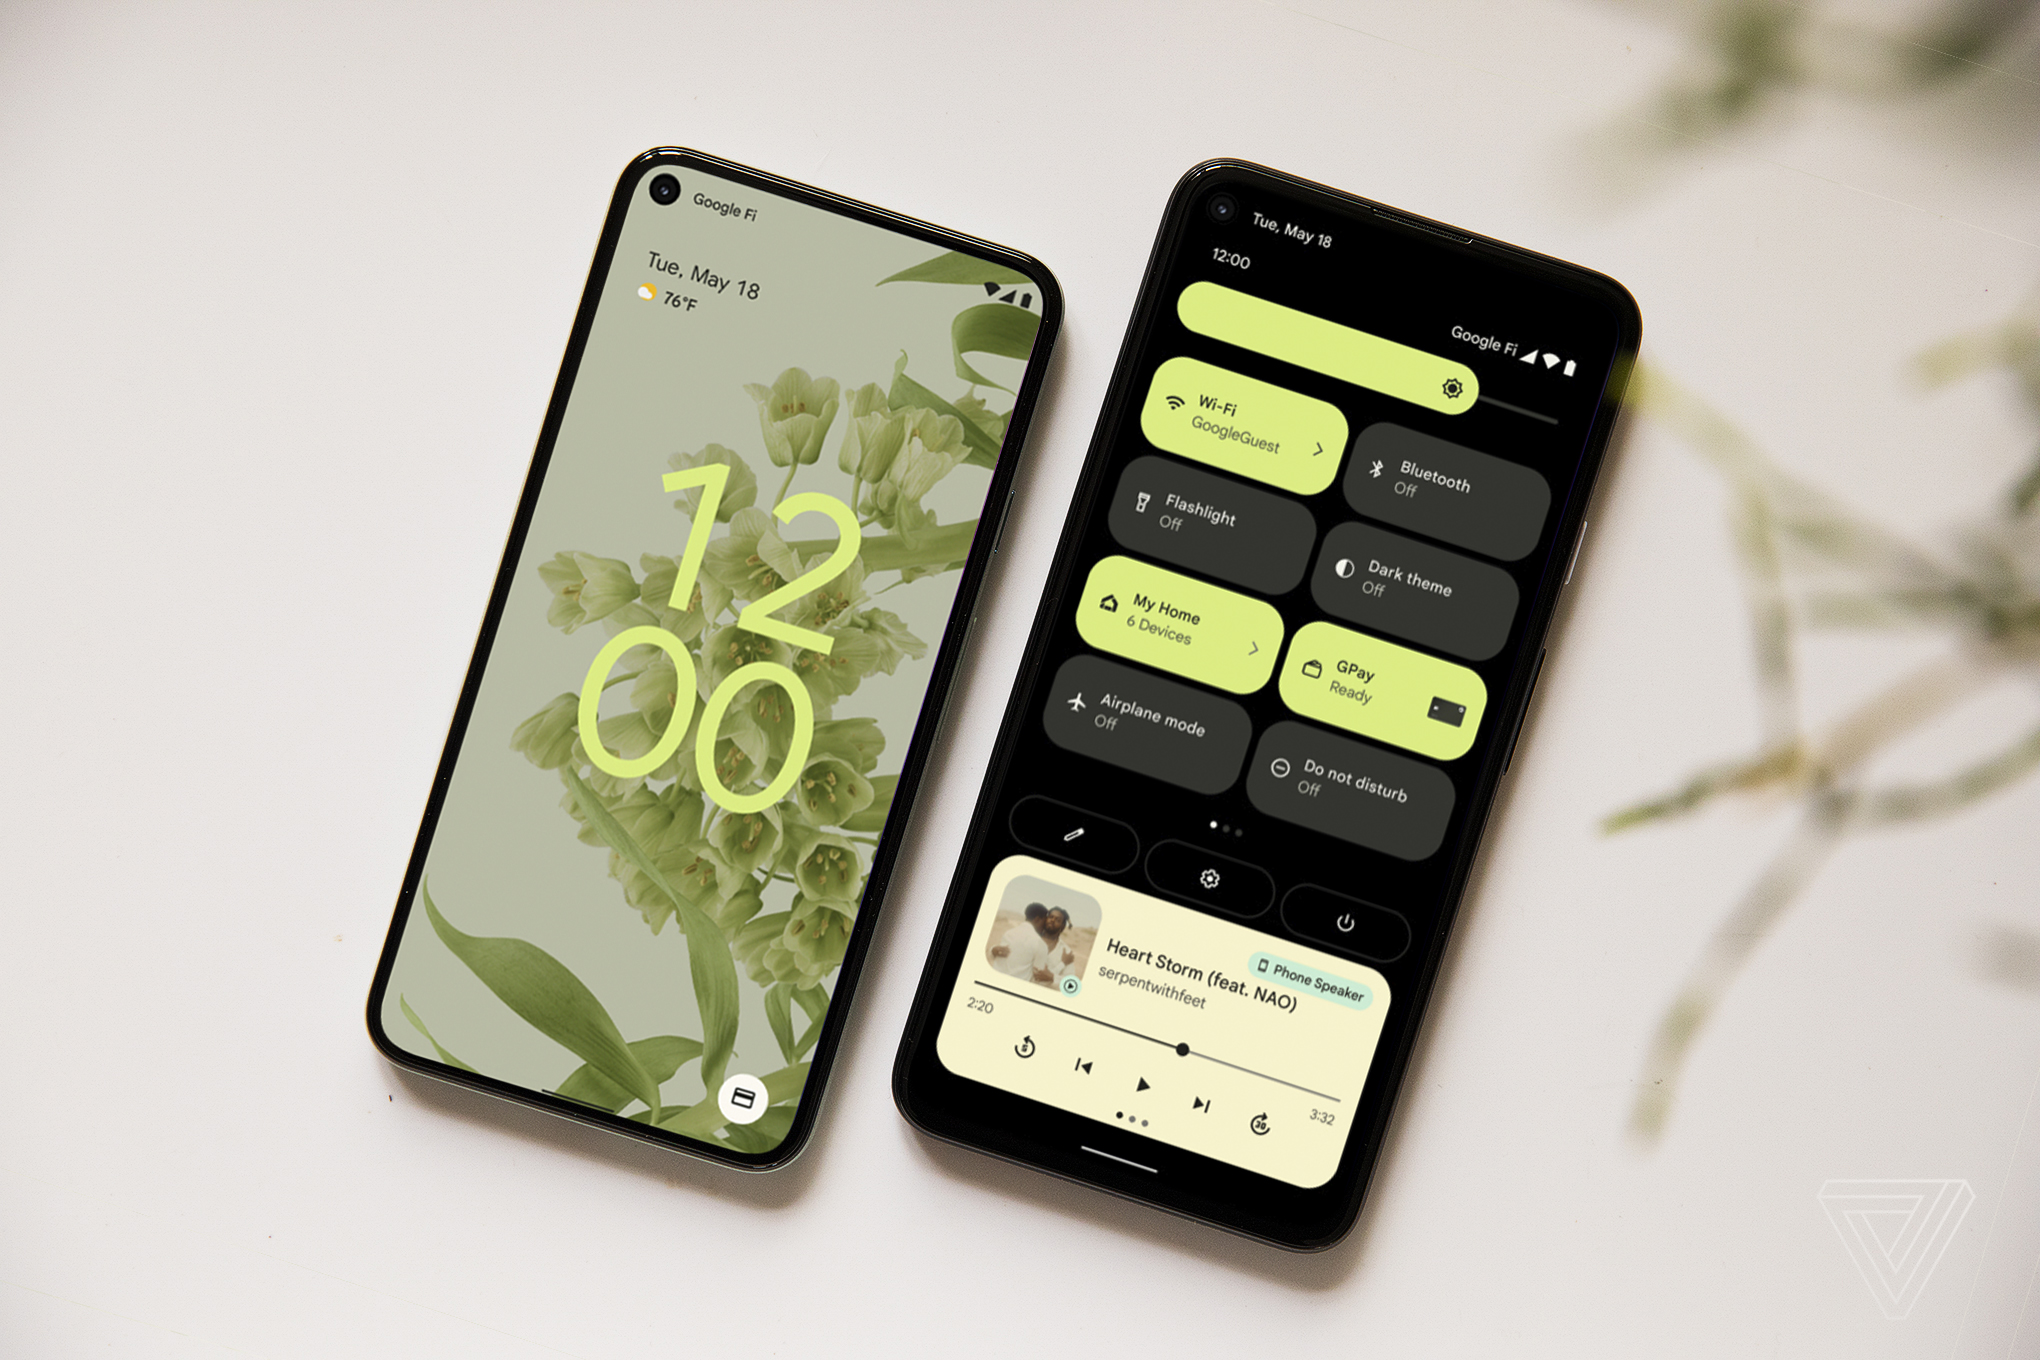 Mách bạn cách chụp ảnh màn hình trên Android 12